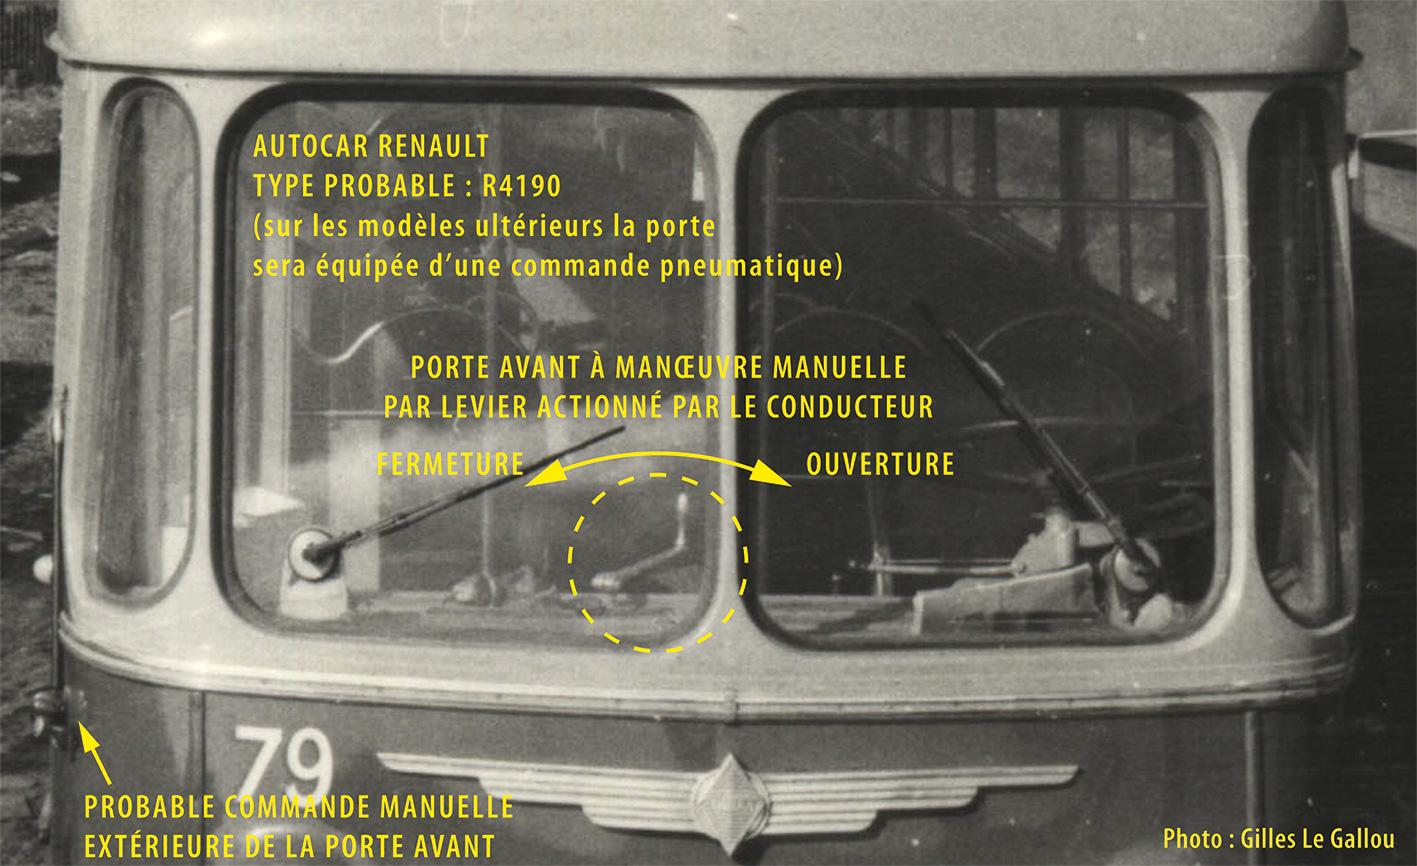 Angers-Anjou-Autocar-Renault-R4190-de�tail-levier-ouverture-porte-avant-ANNOTATIONS-PIX300-W